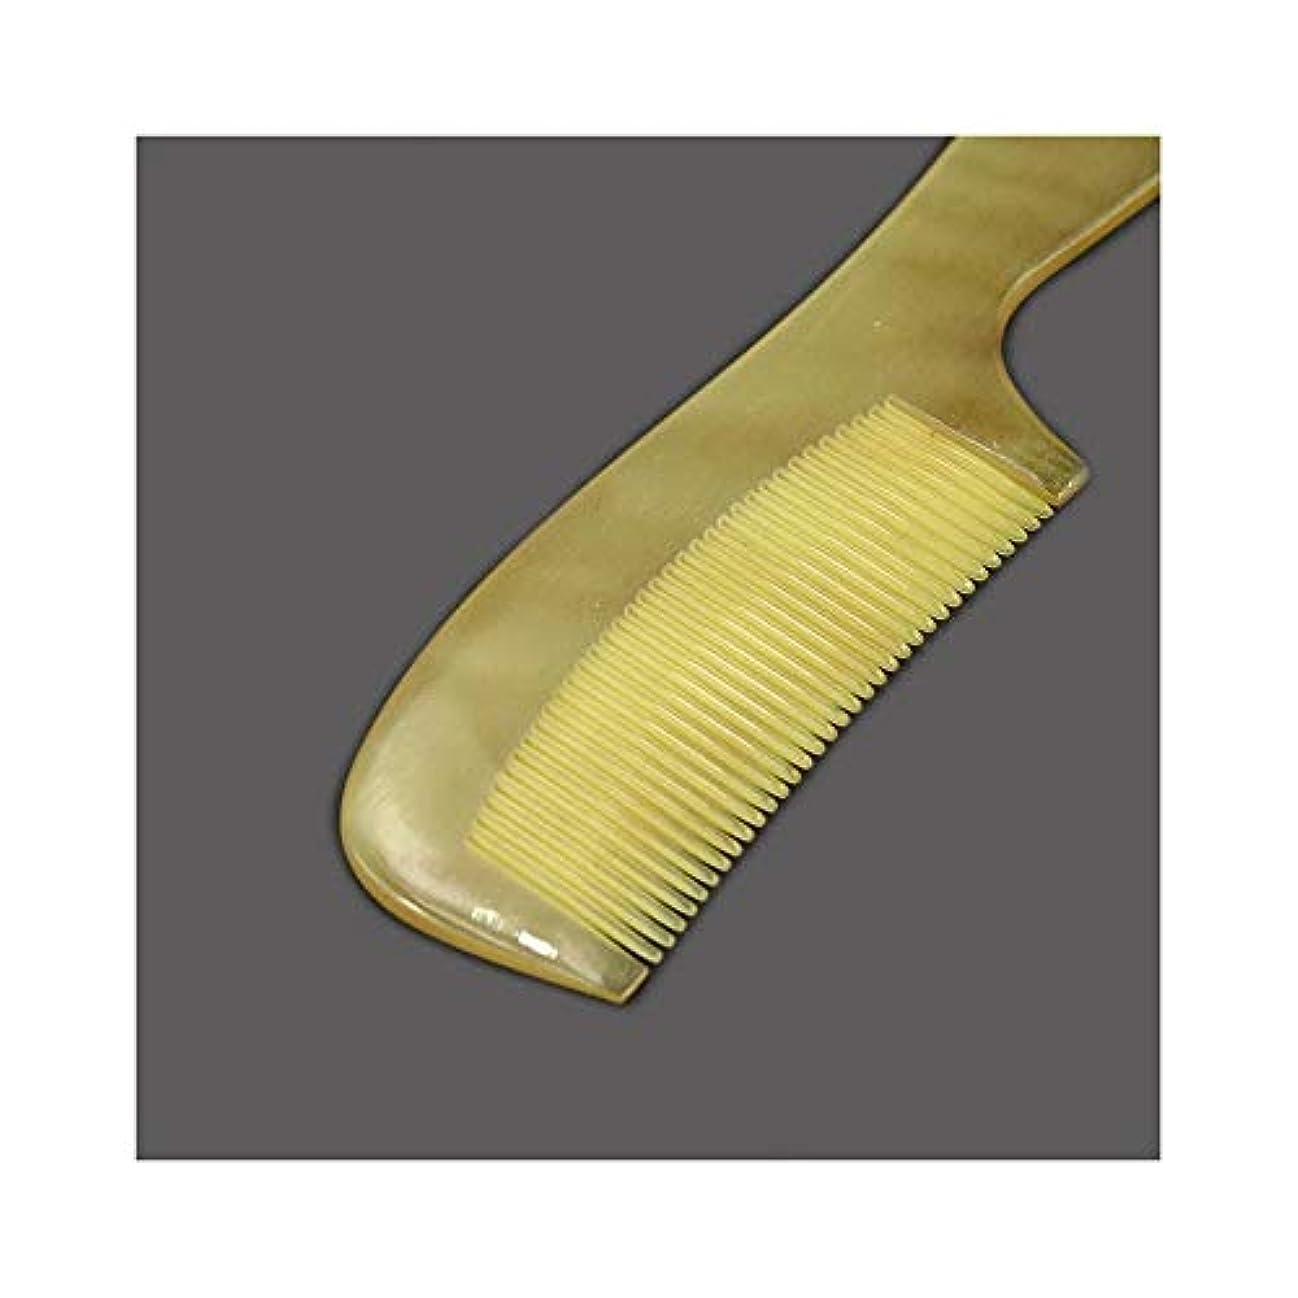 鎮静剤アイドル聖域Fashianシープホーンくし細かい歯なしスタティック手作りくし、高品質の木製のカールくし ヘアケア